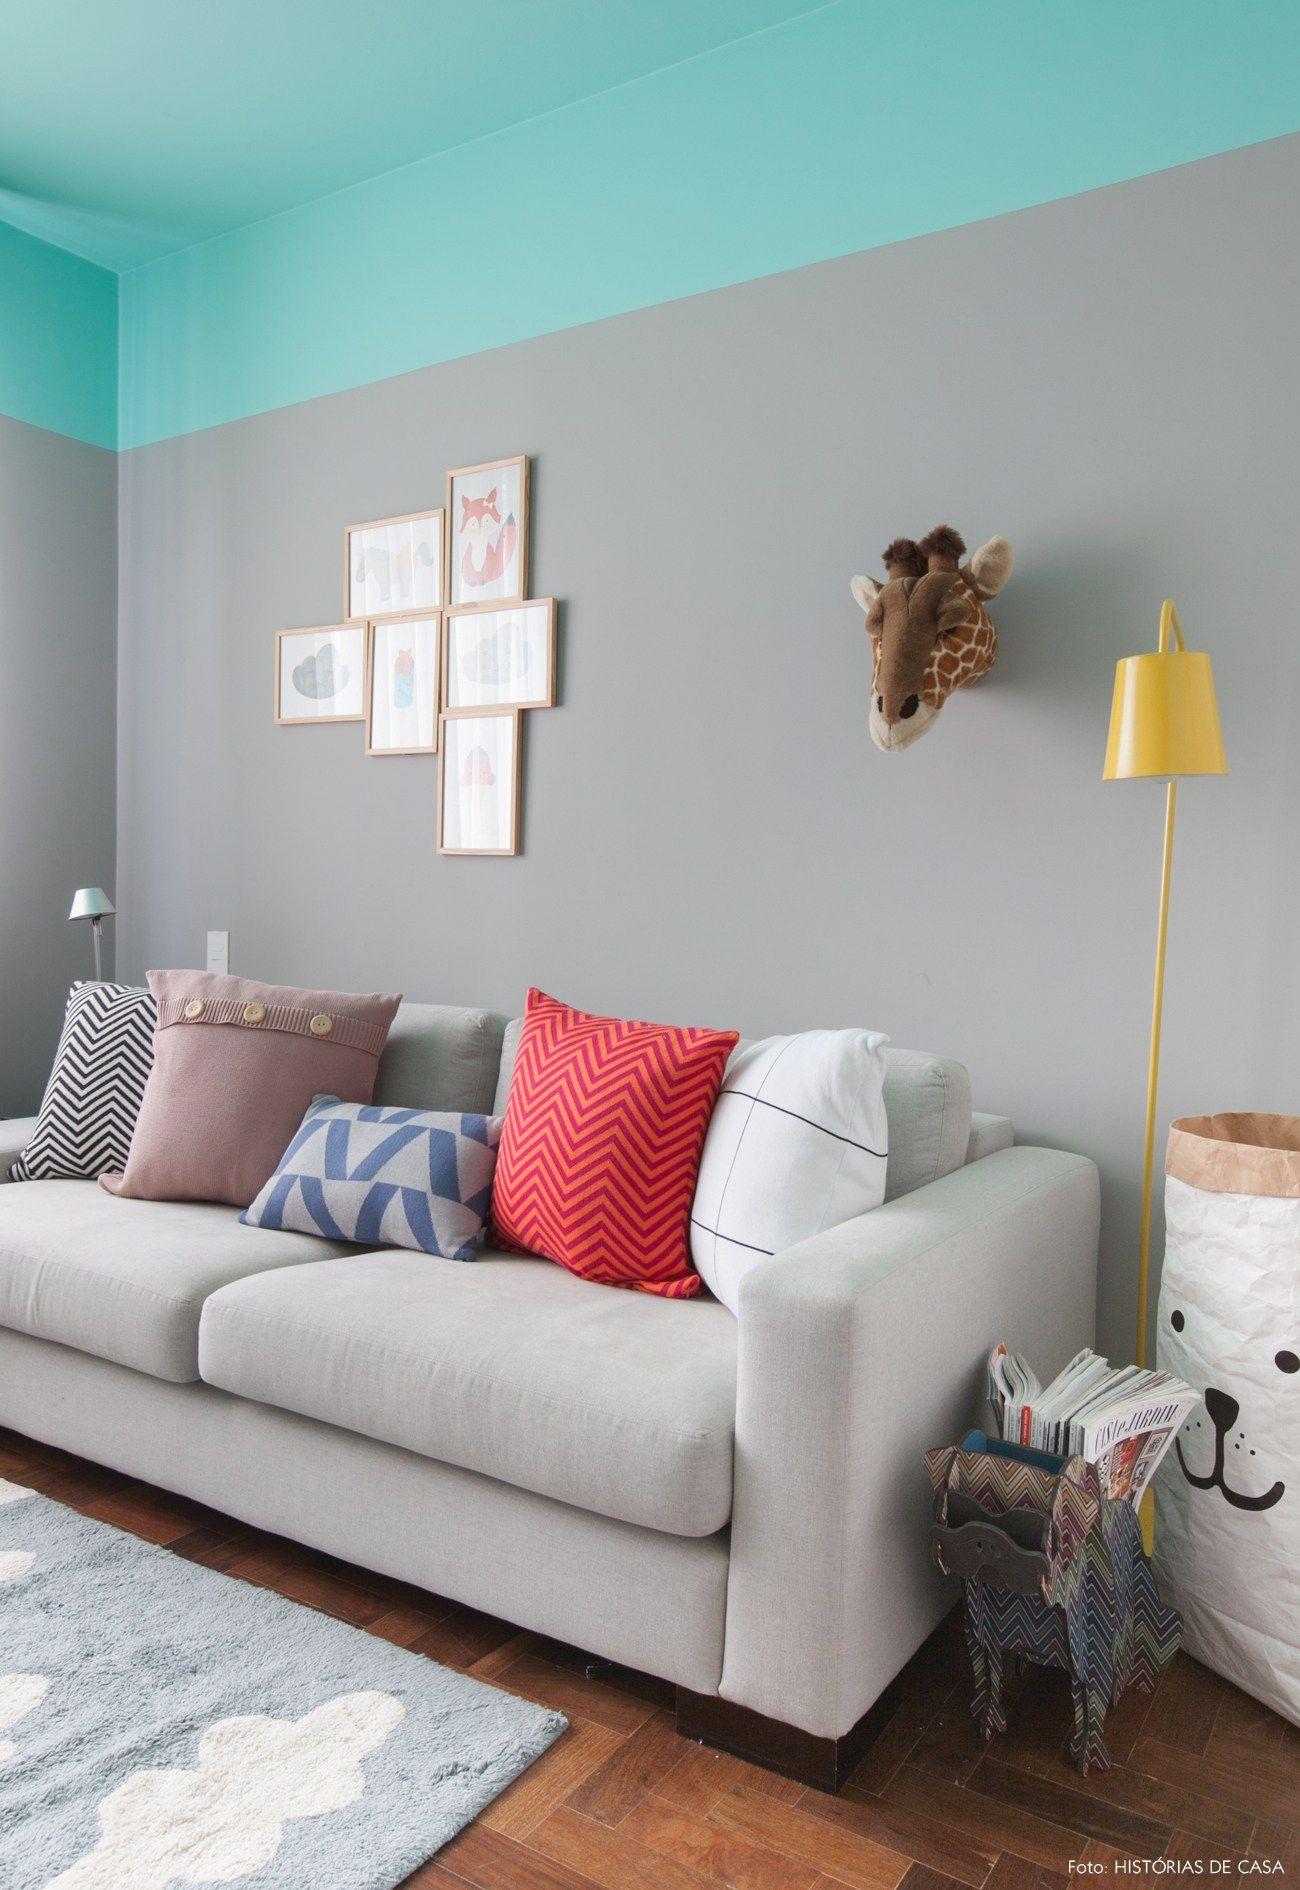 Sofa Cinza E Almofadas Coloridas With A Chaise Quartos Coloridos Com Ar Escandinavo Decoração